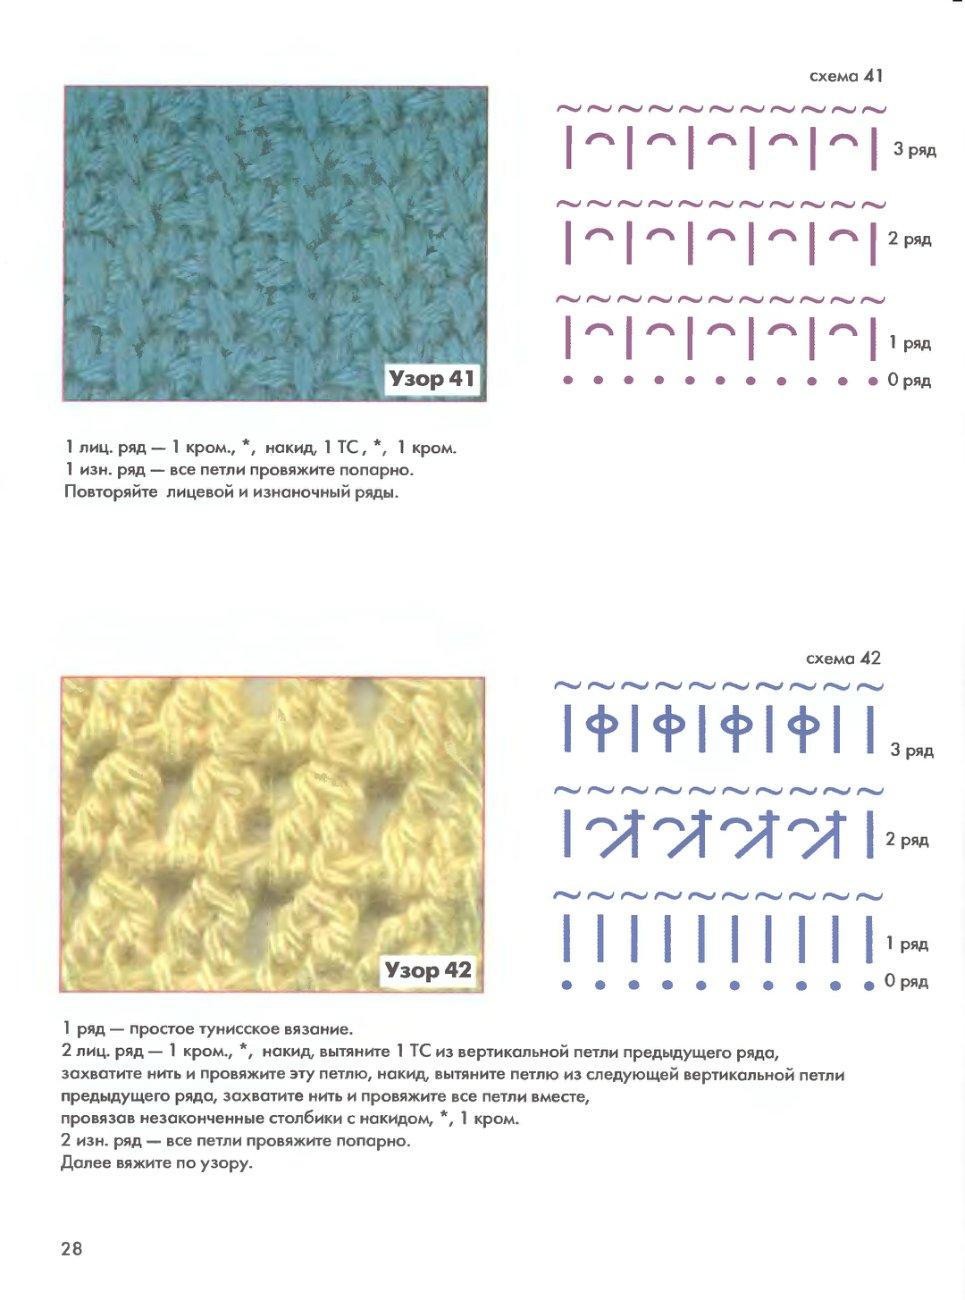 тунисское вязание крючком картинки и схемы всесоюзной рак